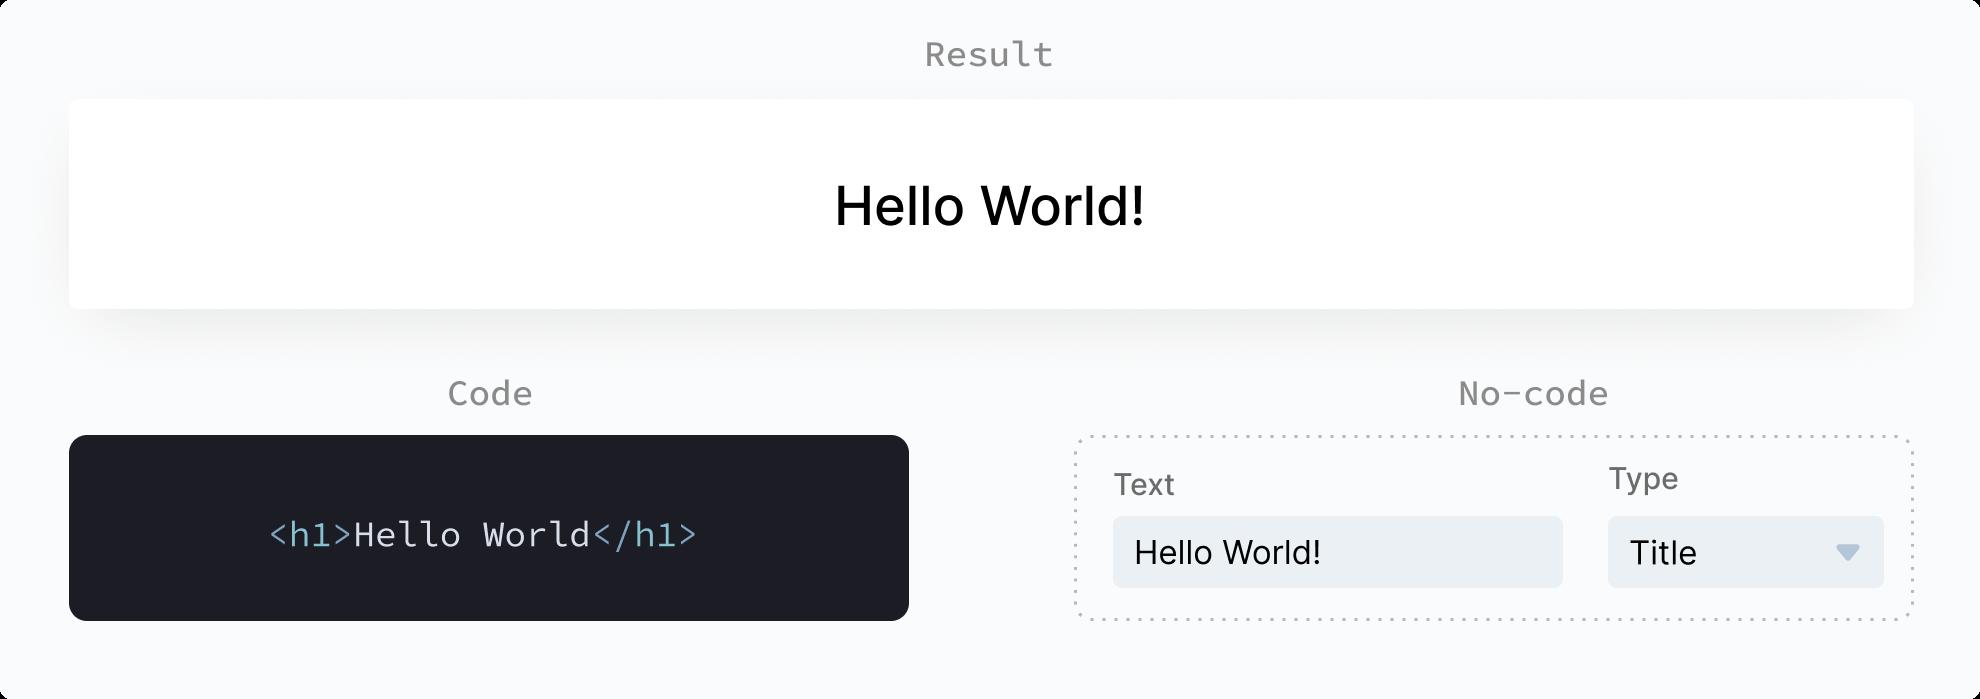 Simple Code vs No-code example